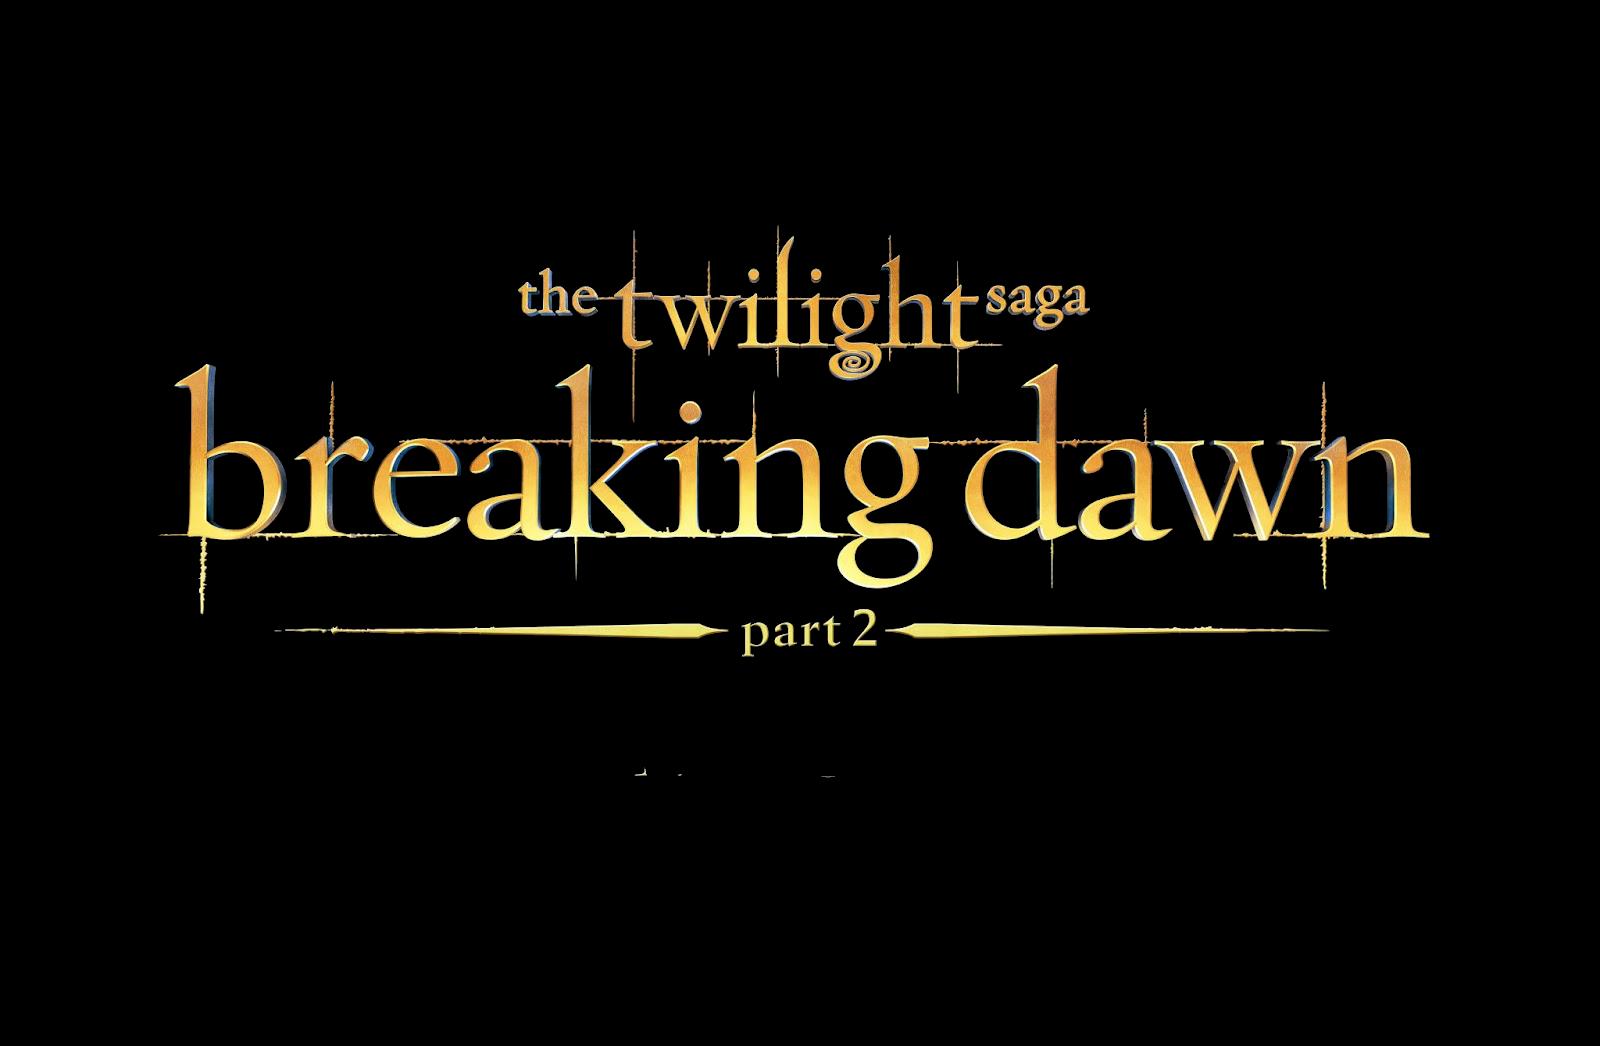 ediciones robkristay twilight combo logos de la saga